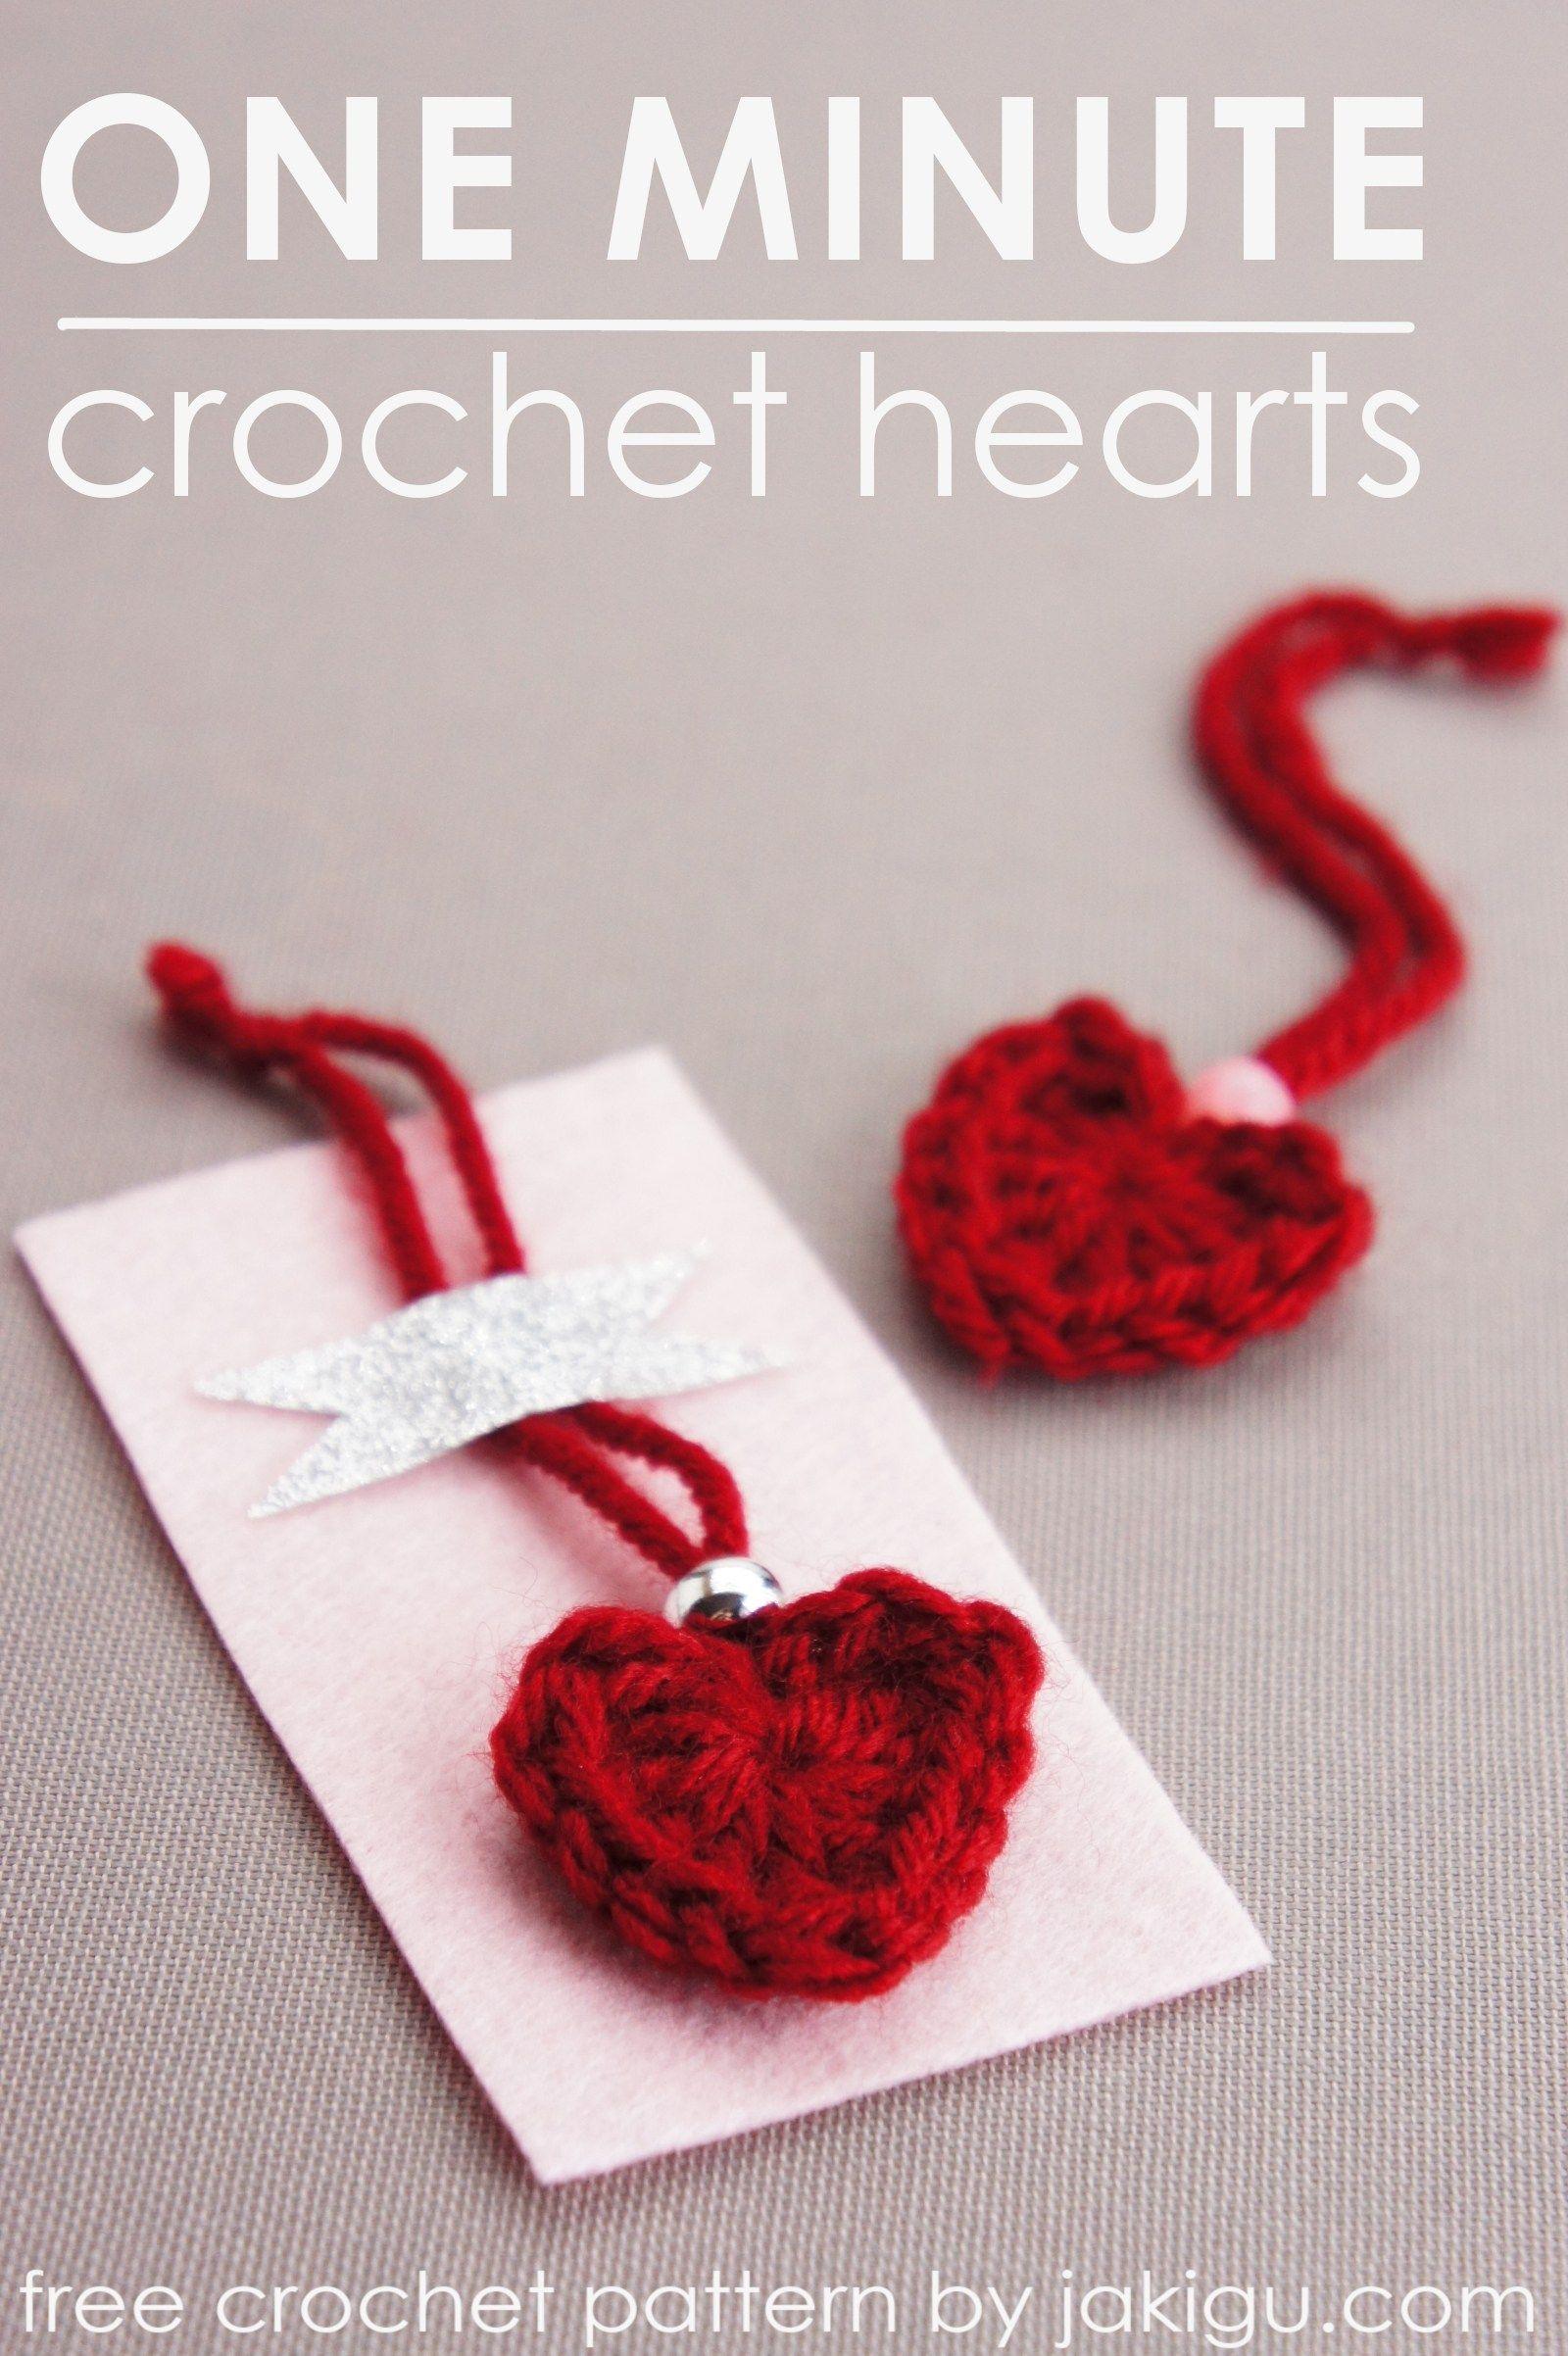 One Minute Crochet Heart Free Crochet Pattern Jakigu Com Crochet Heart Pattern Valentines Crochet Crochet